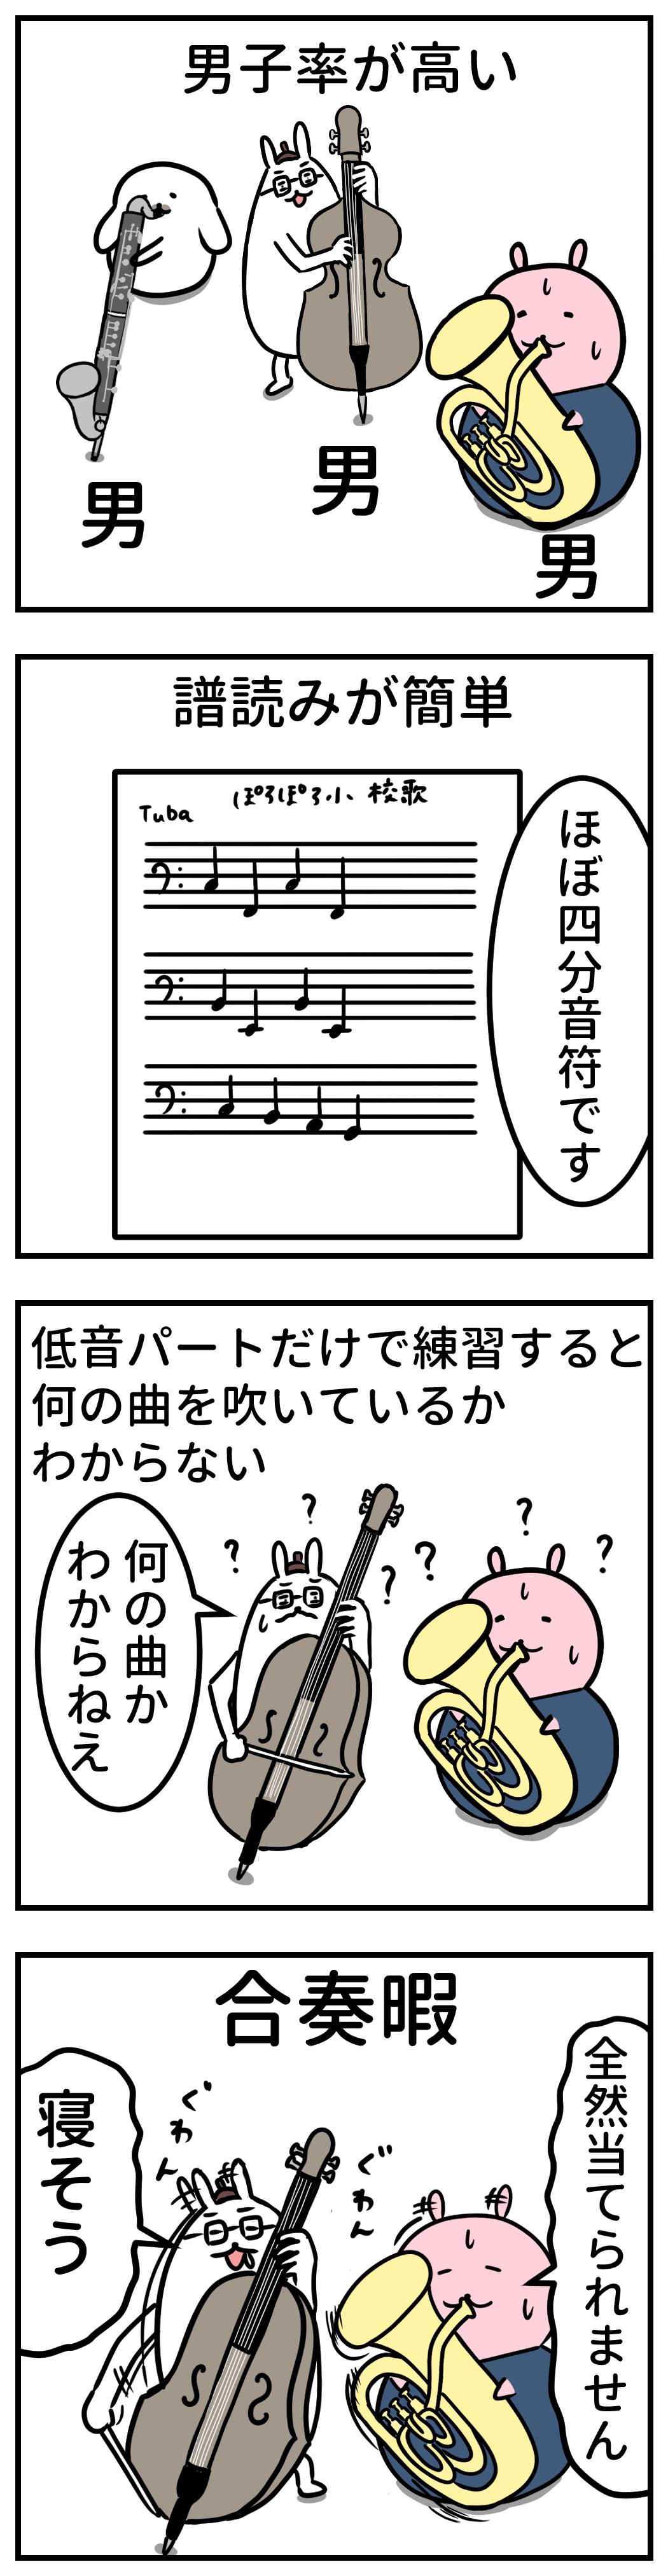 吹奏楽部あるある 低音パート